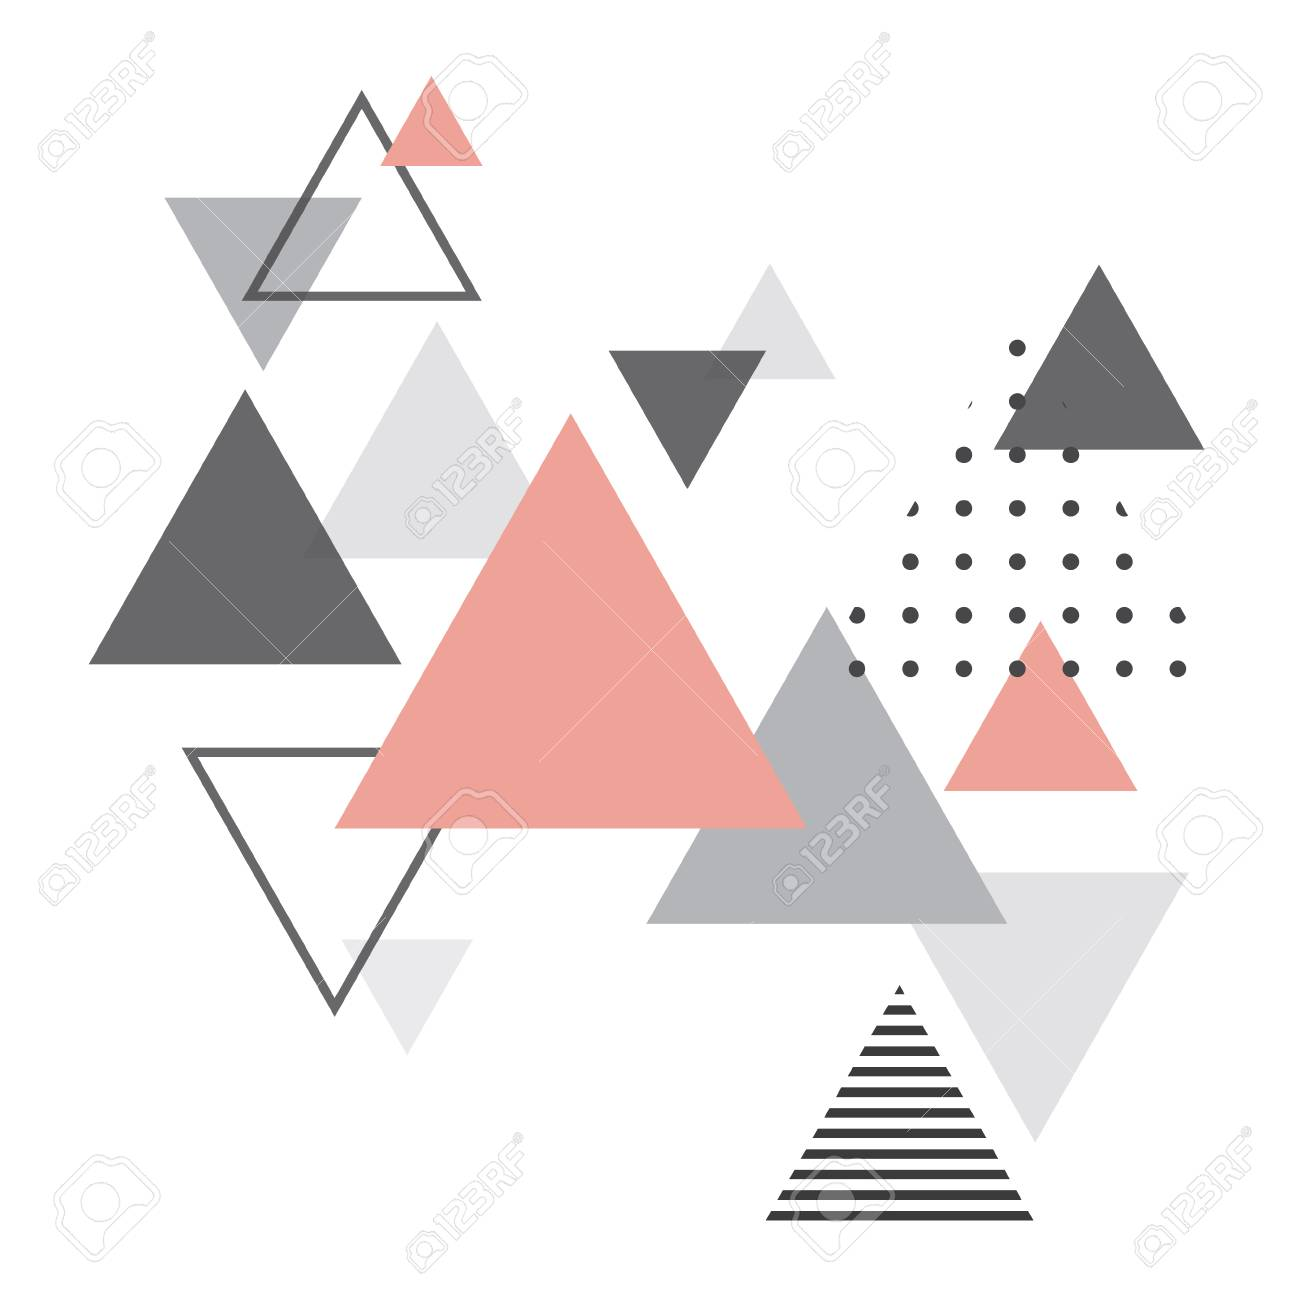 Abstrait Géométrique Scandinave Affiche De Design Abstrait Moderne Et élégant Couverture Conception De Cartes Scandi Style